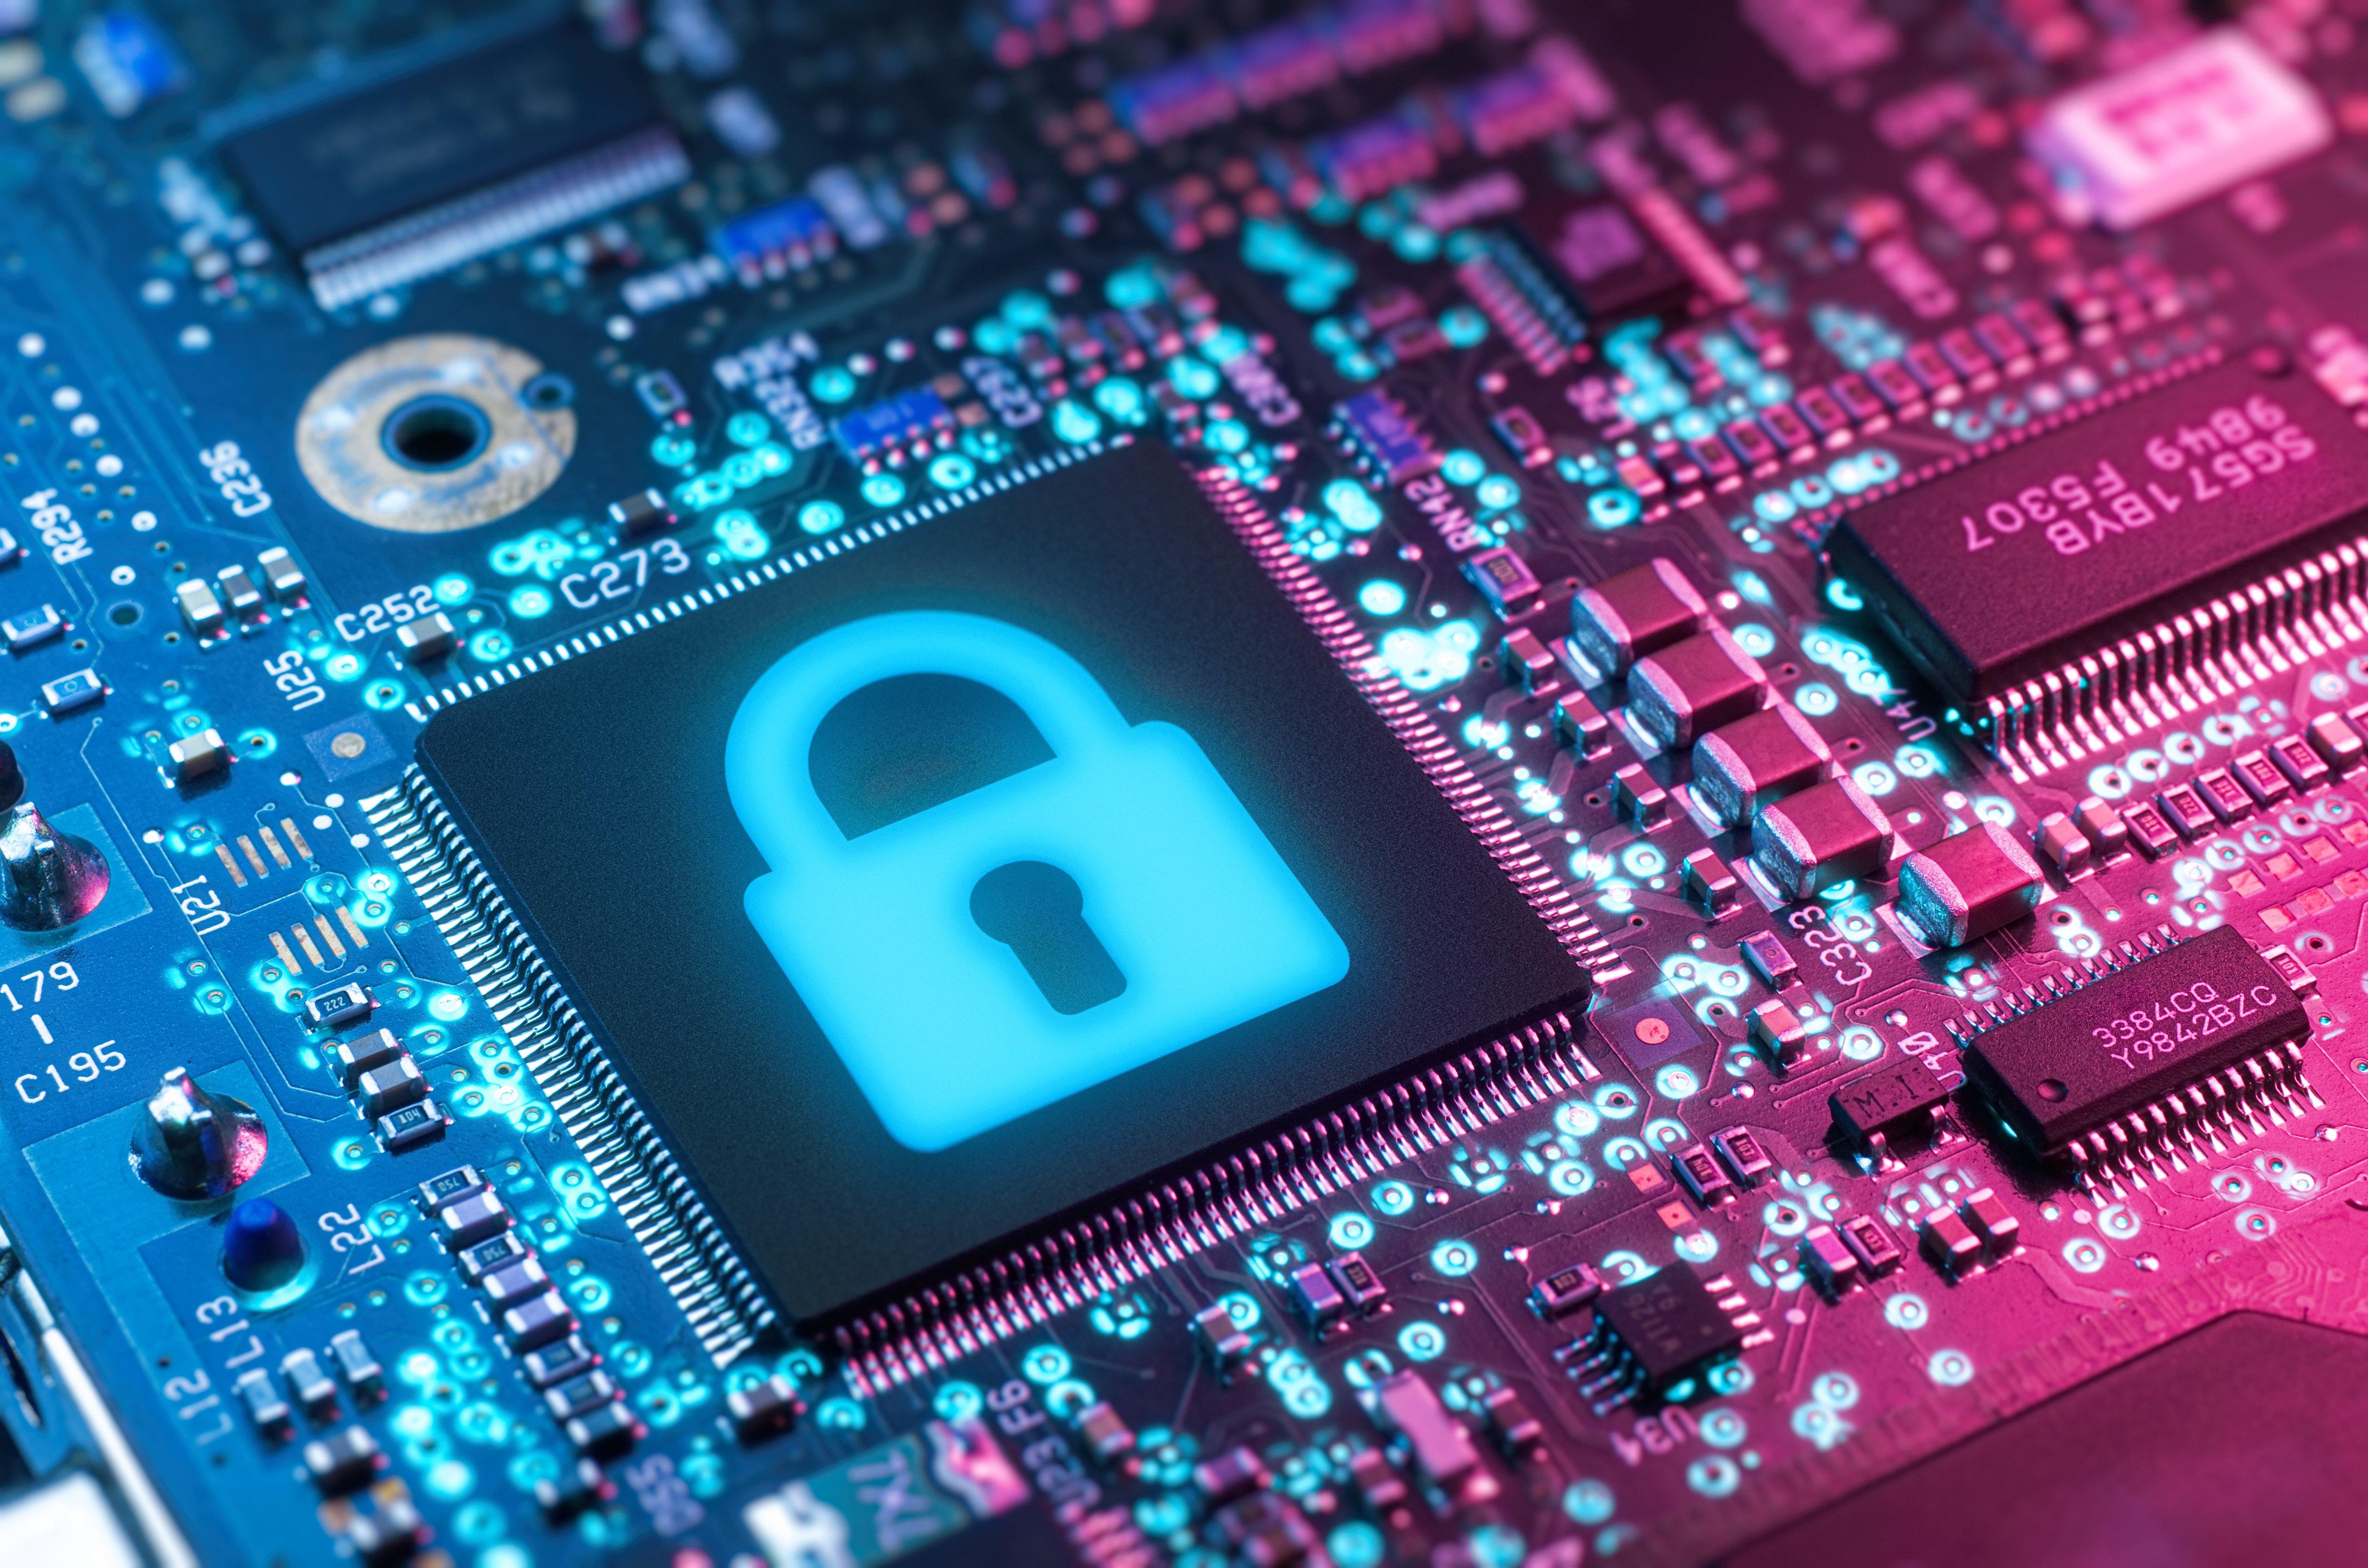 Тренды в кибербезопасности, стратегии и инструменты противодействия современным атакам